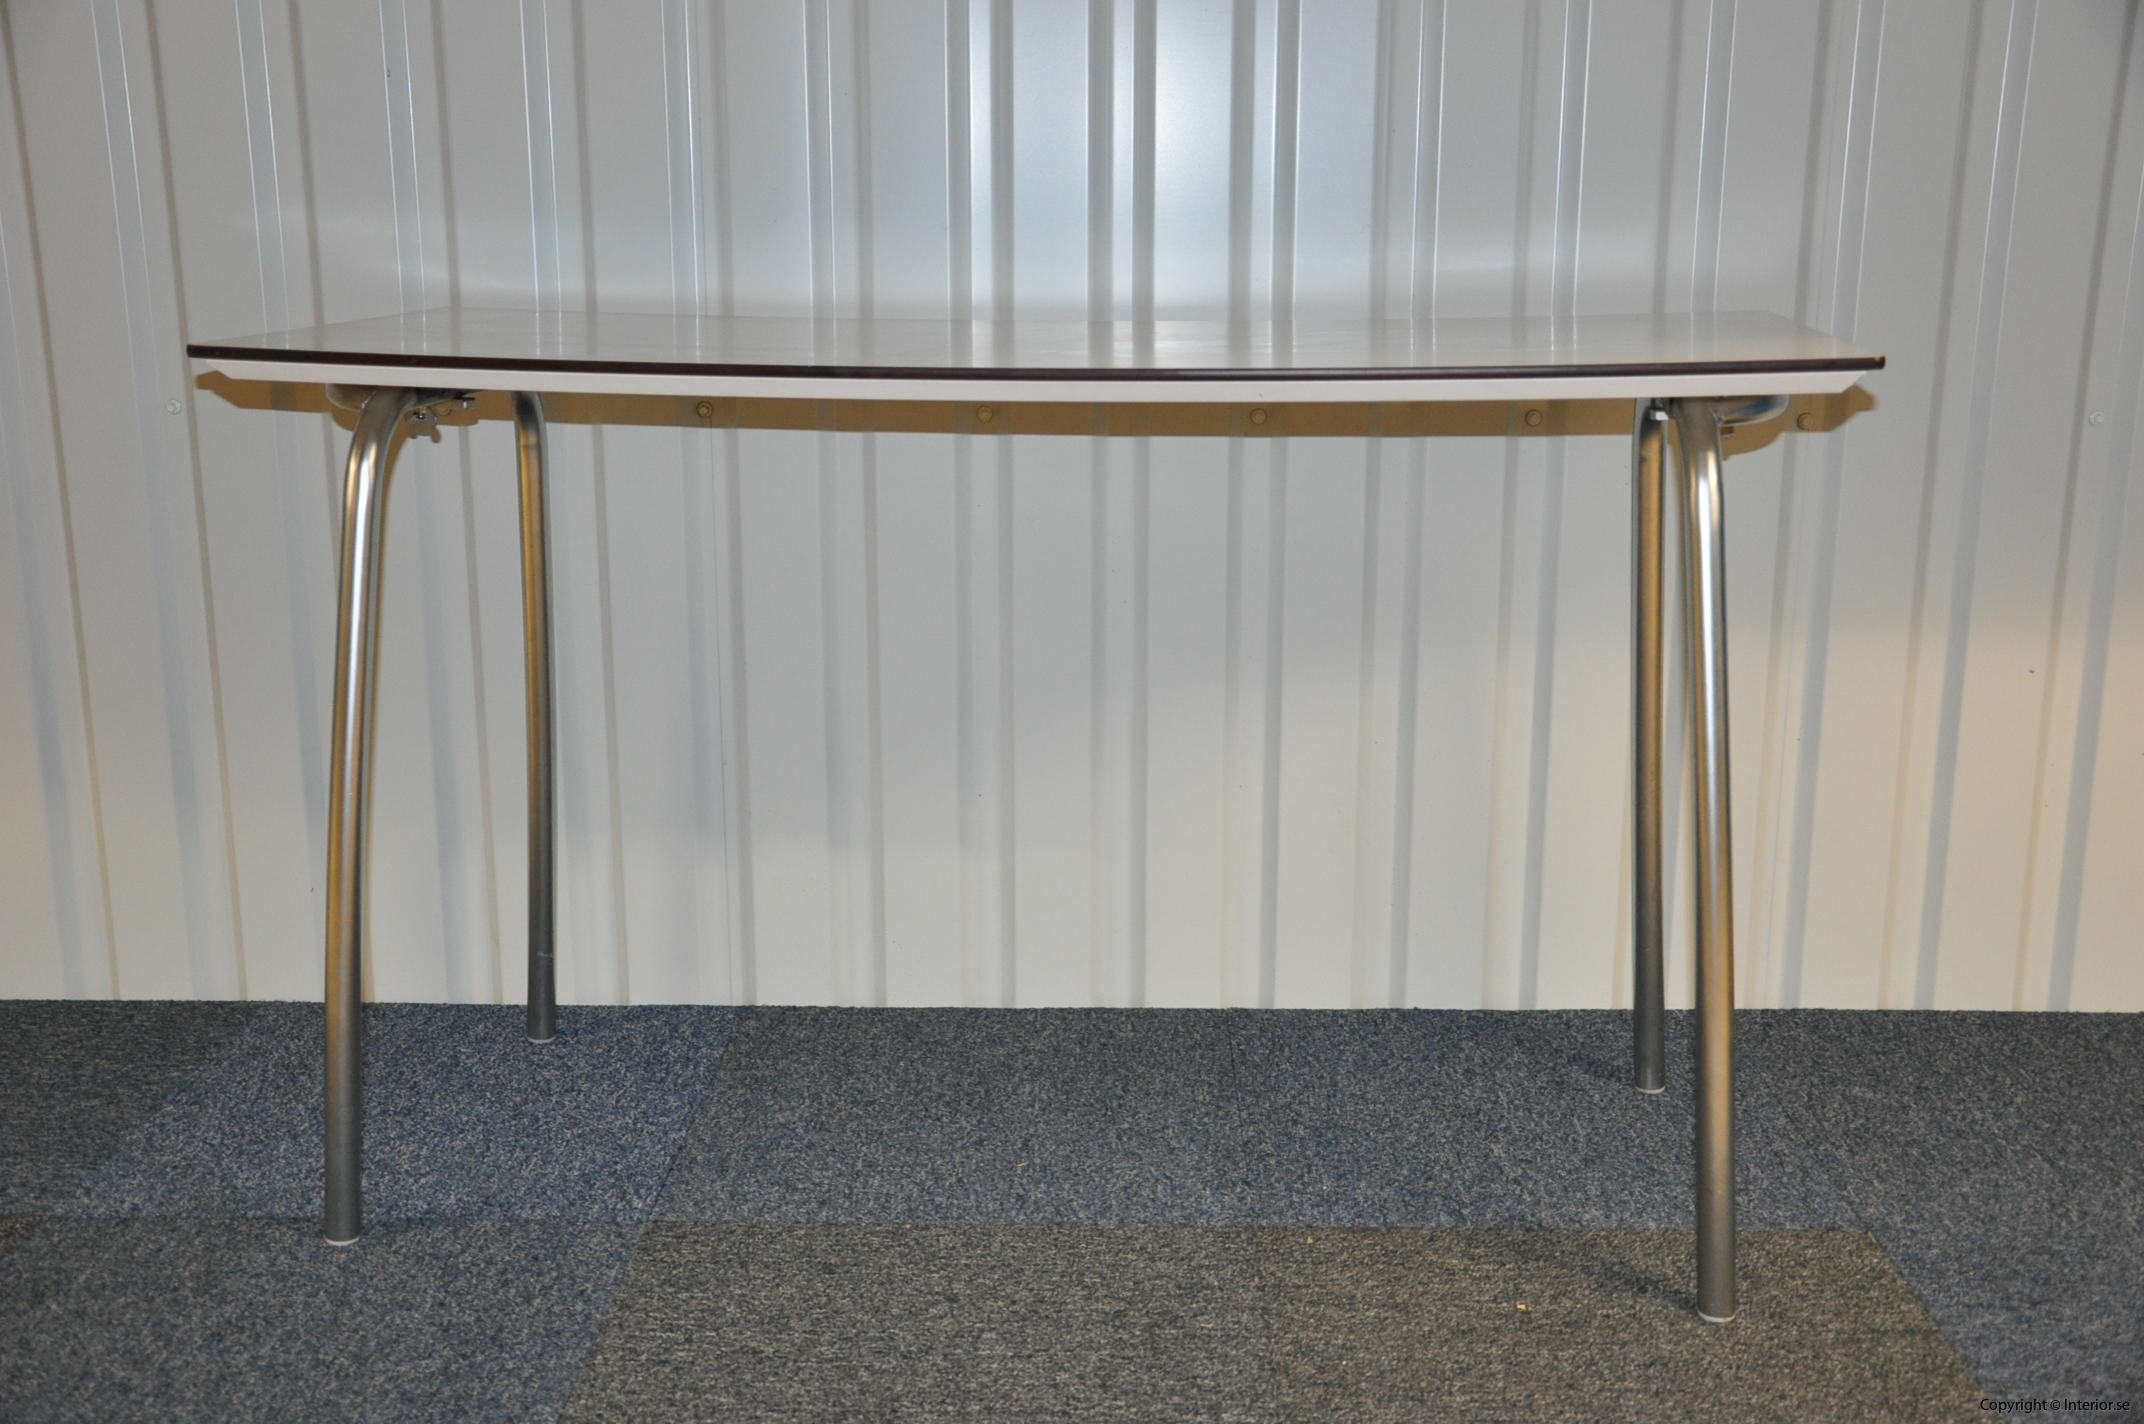 Hopfällbara bord, fällbara konferensbord, vit laminat 120 x 70 cm (2)